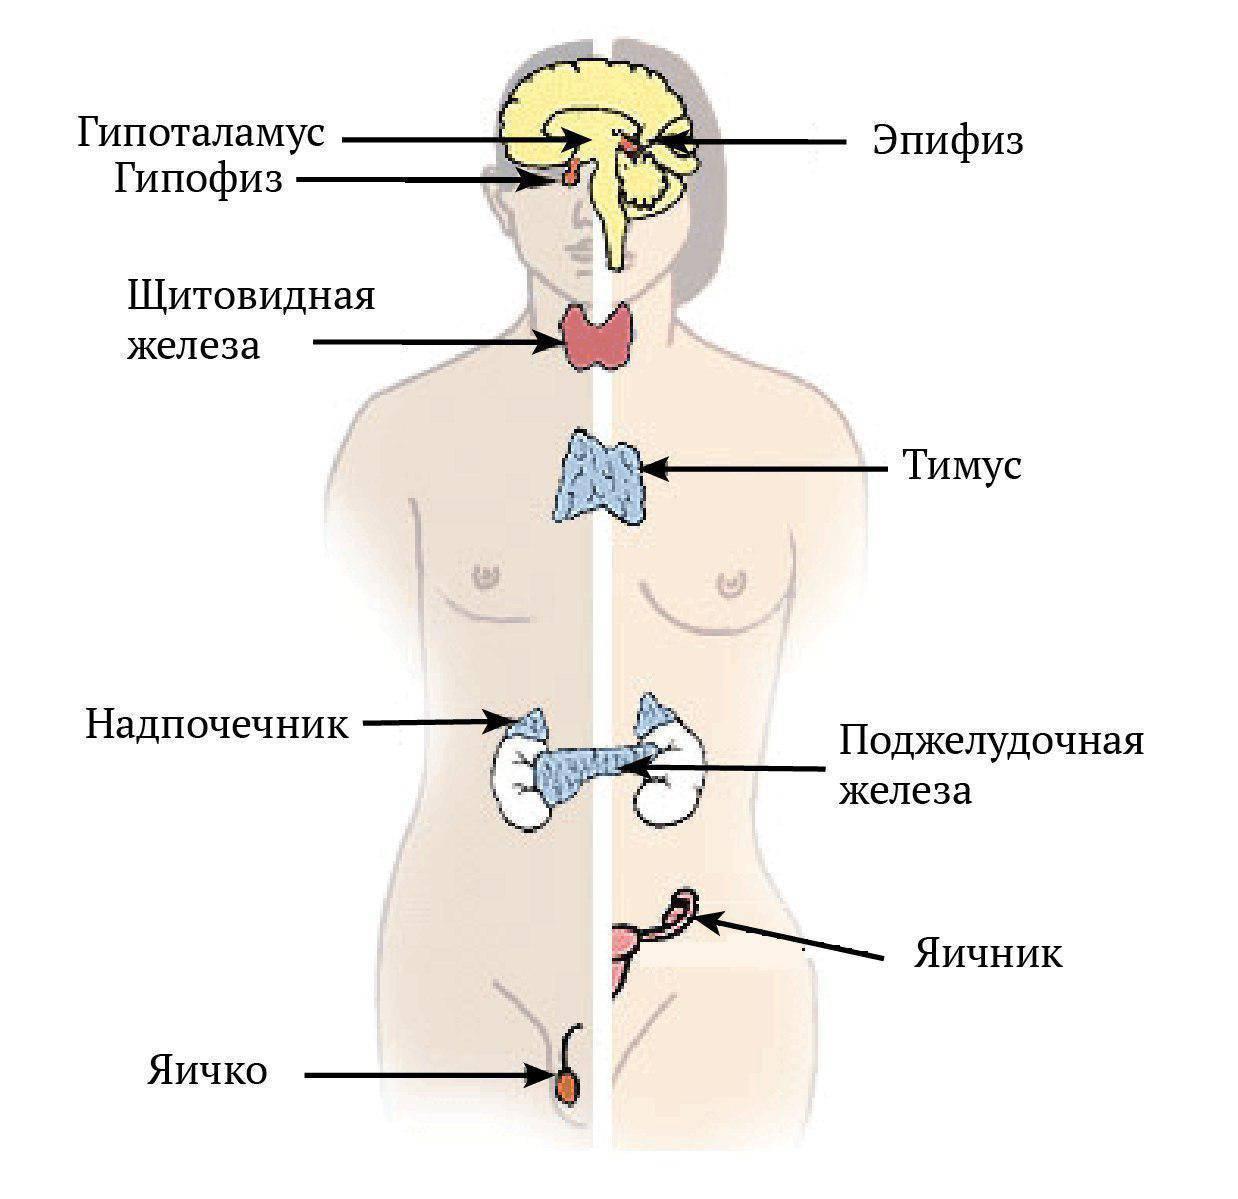 Эндокринная система: заболевания, лечение, органы и их функции